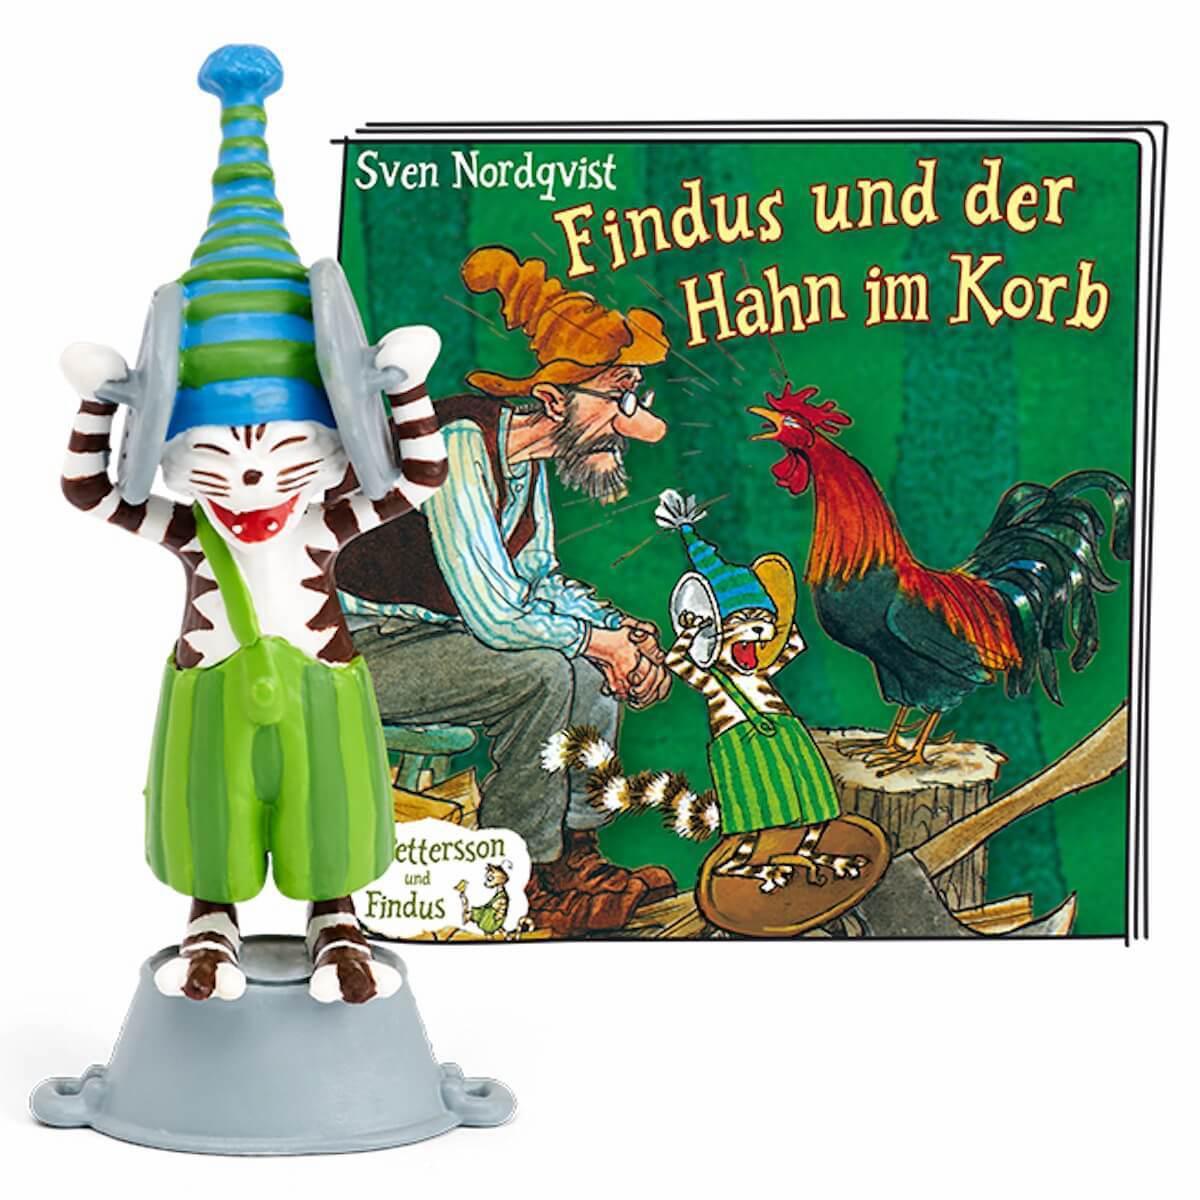 Hörspielfigur TONIES Petterson und Findus – Findus und der Hahn im Korb